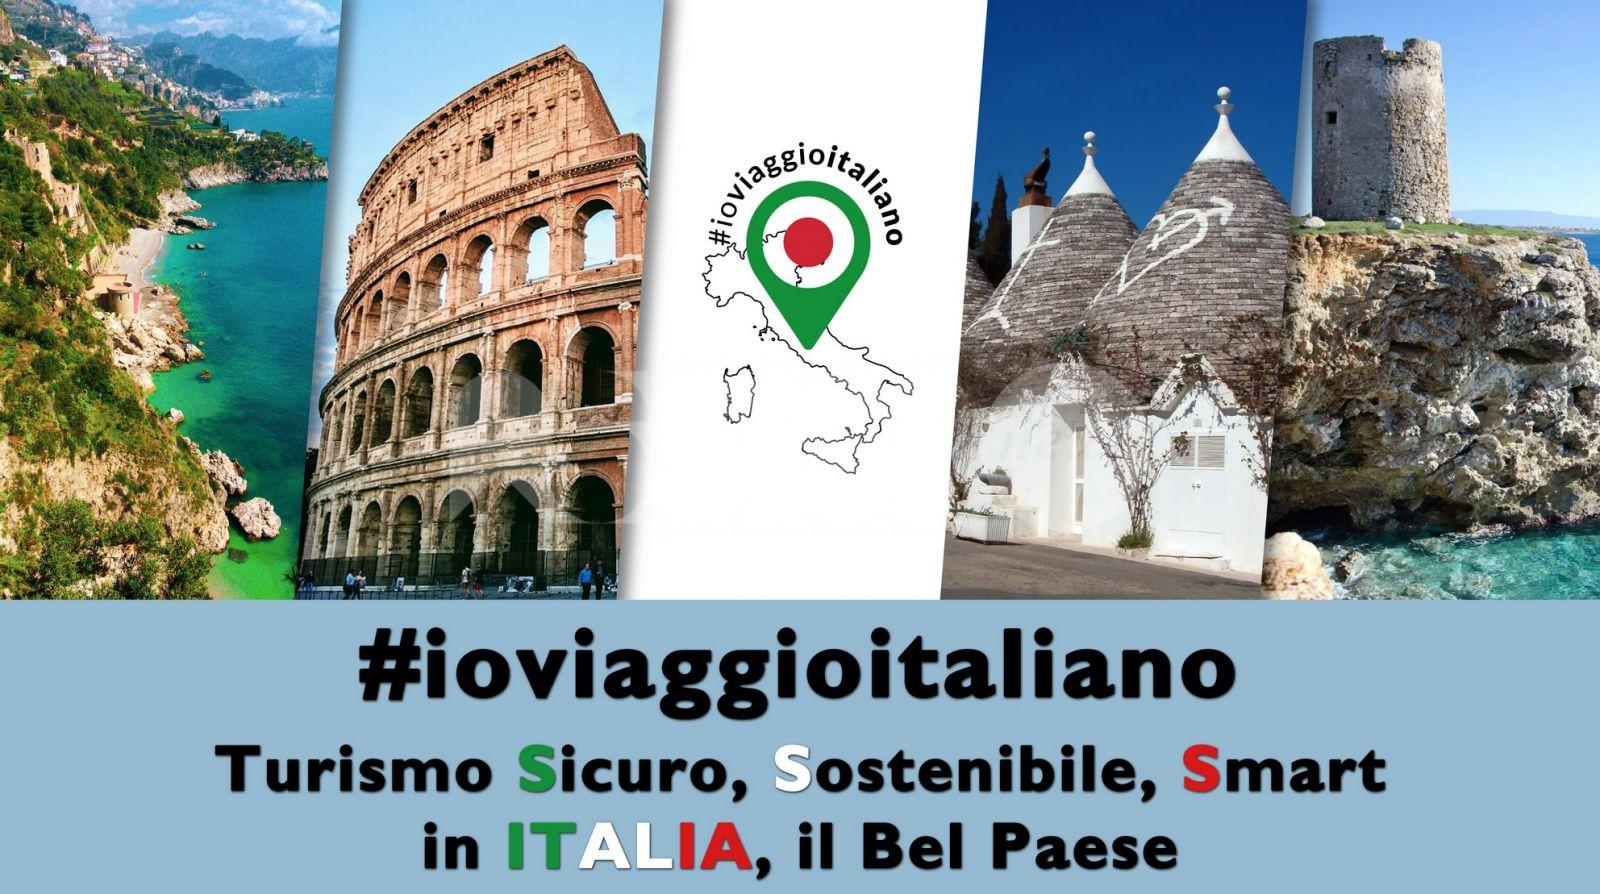 #ioviaggioitaliano, anche Assisi aderisce alla campagna per il turismo sicuro